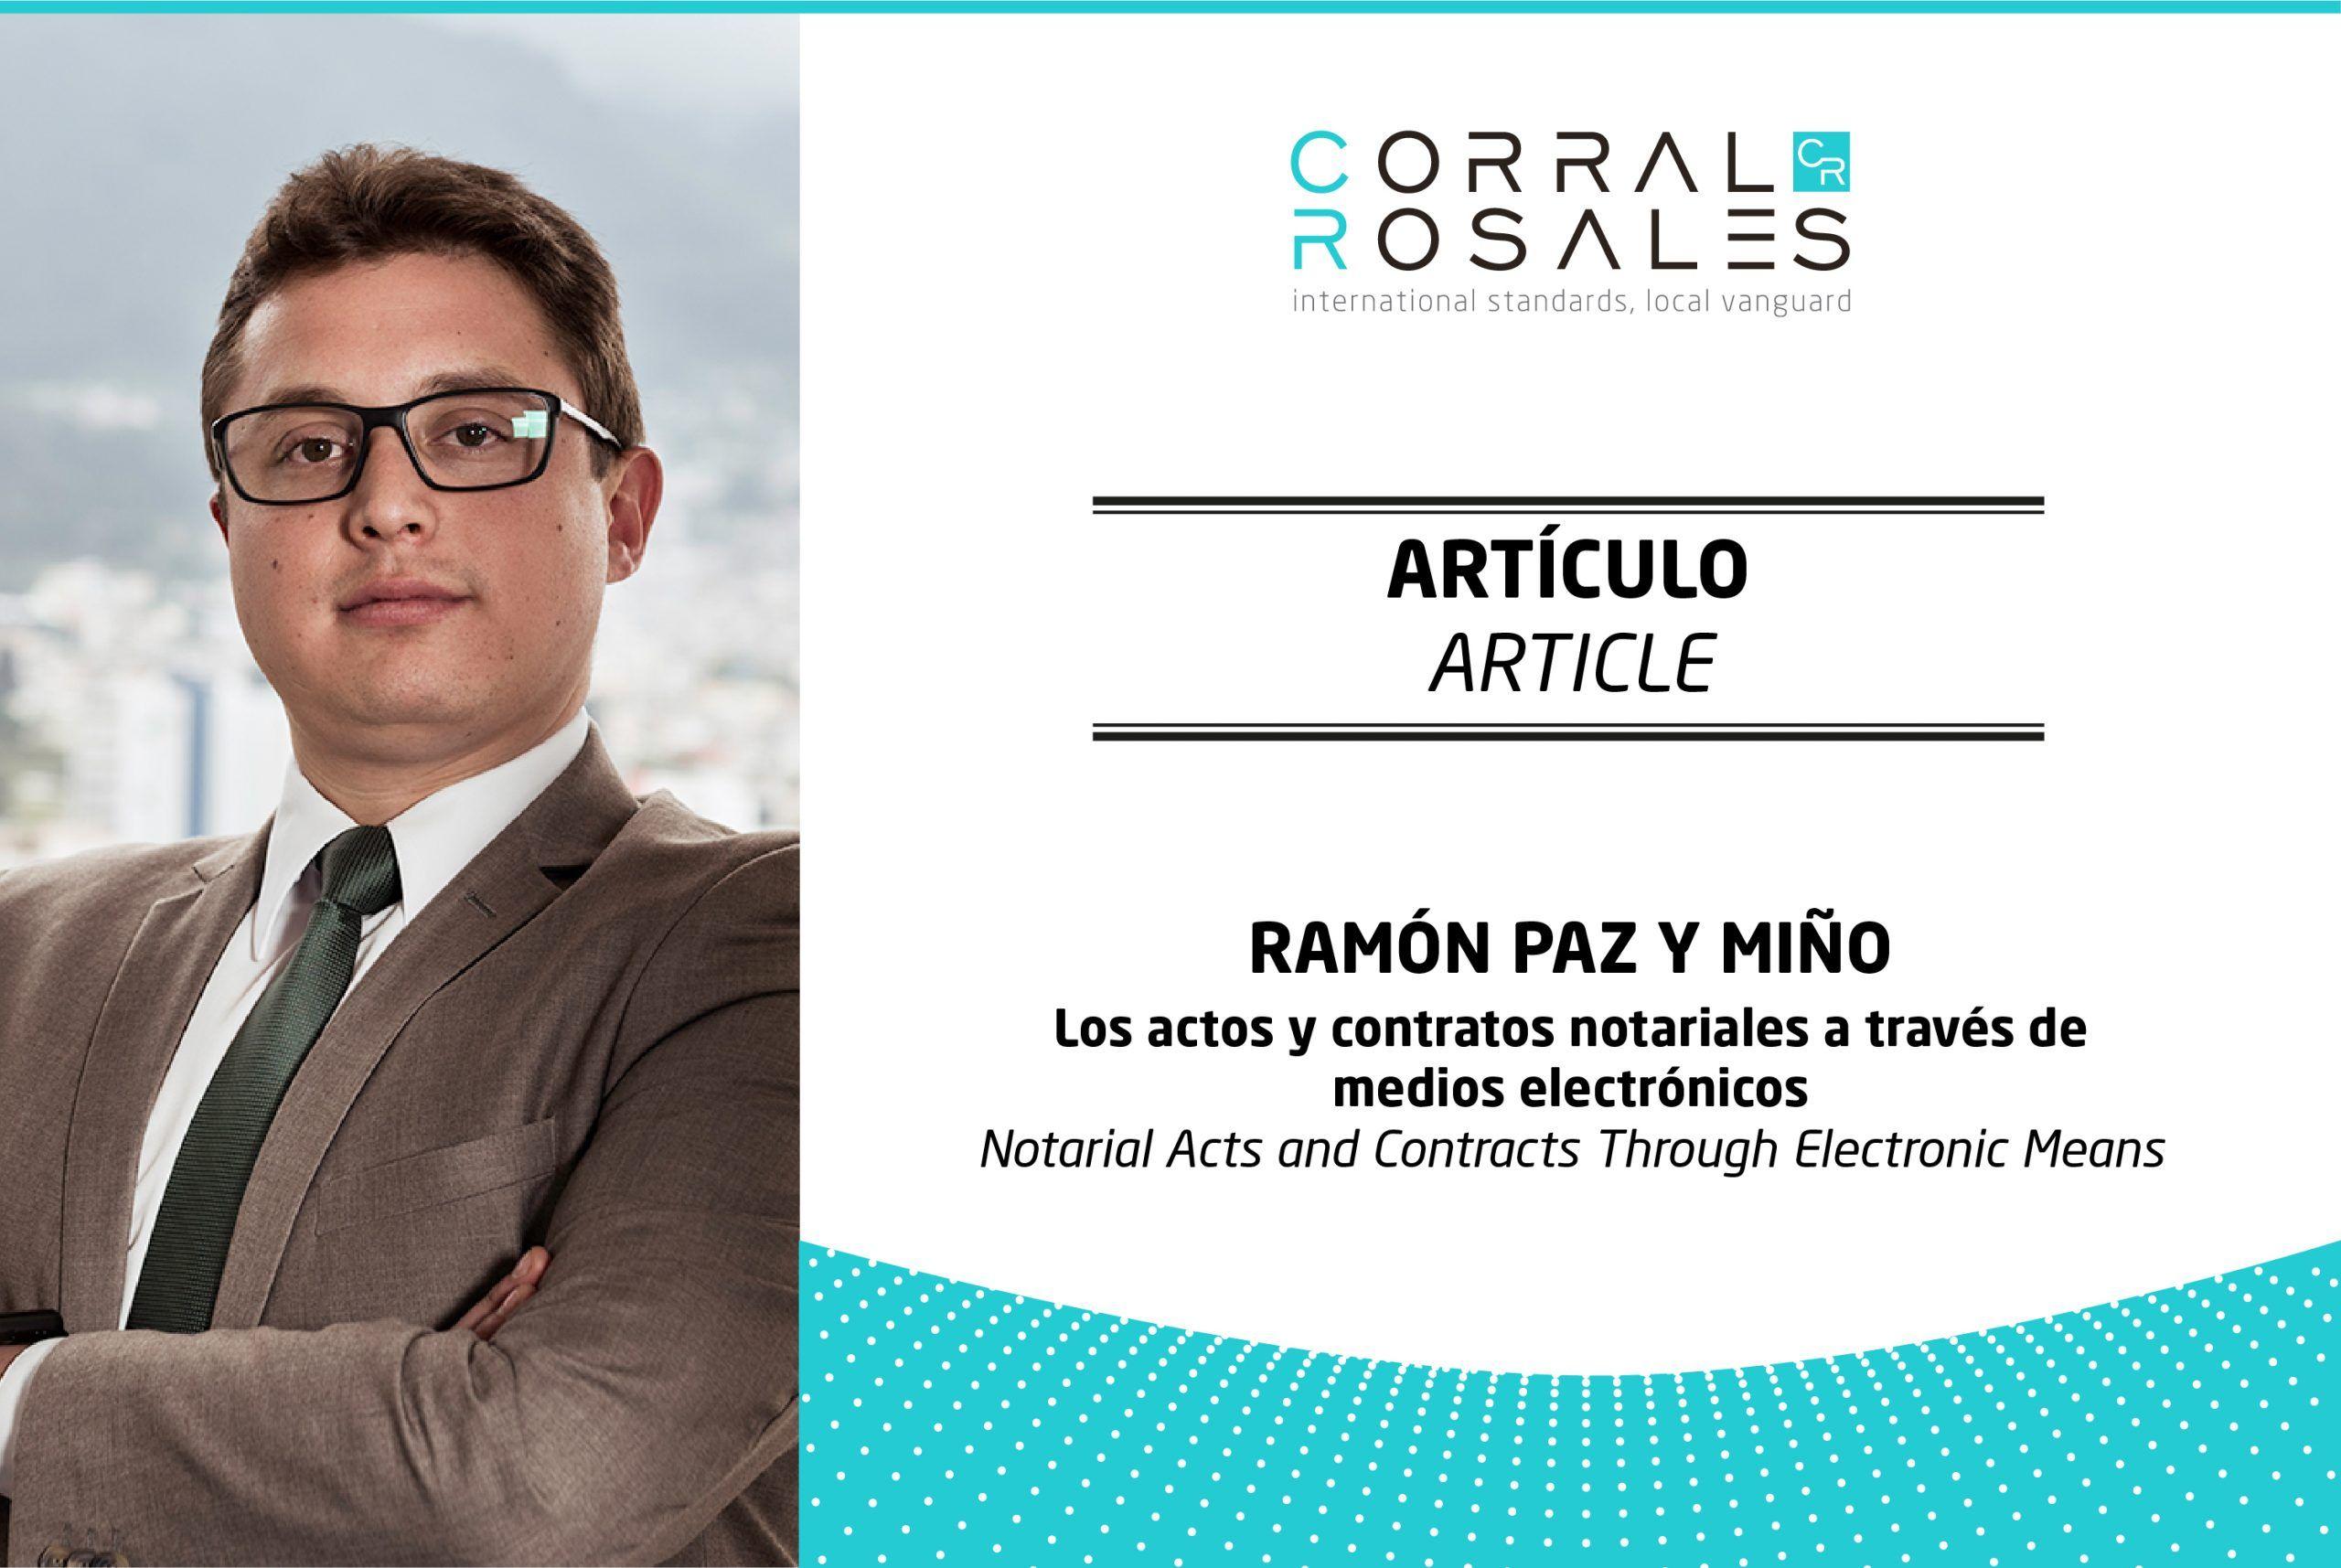 actos-contratos-notariales-medios-electronicos-ramon-paz-mino-ecuador-abogados-01